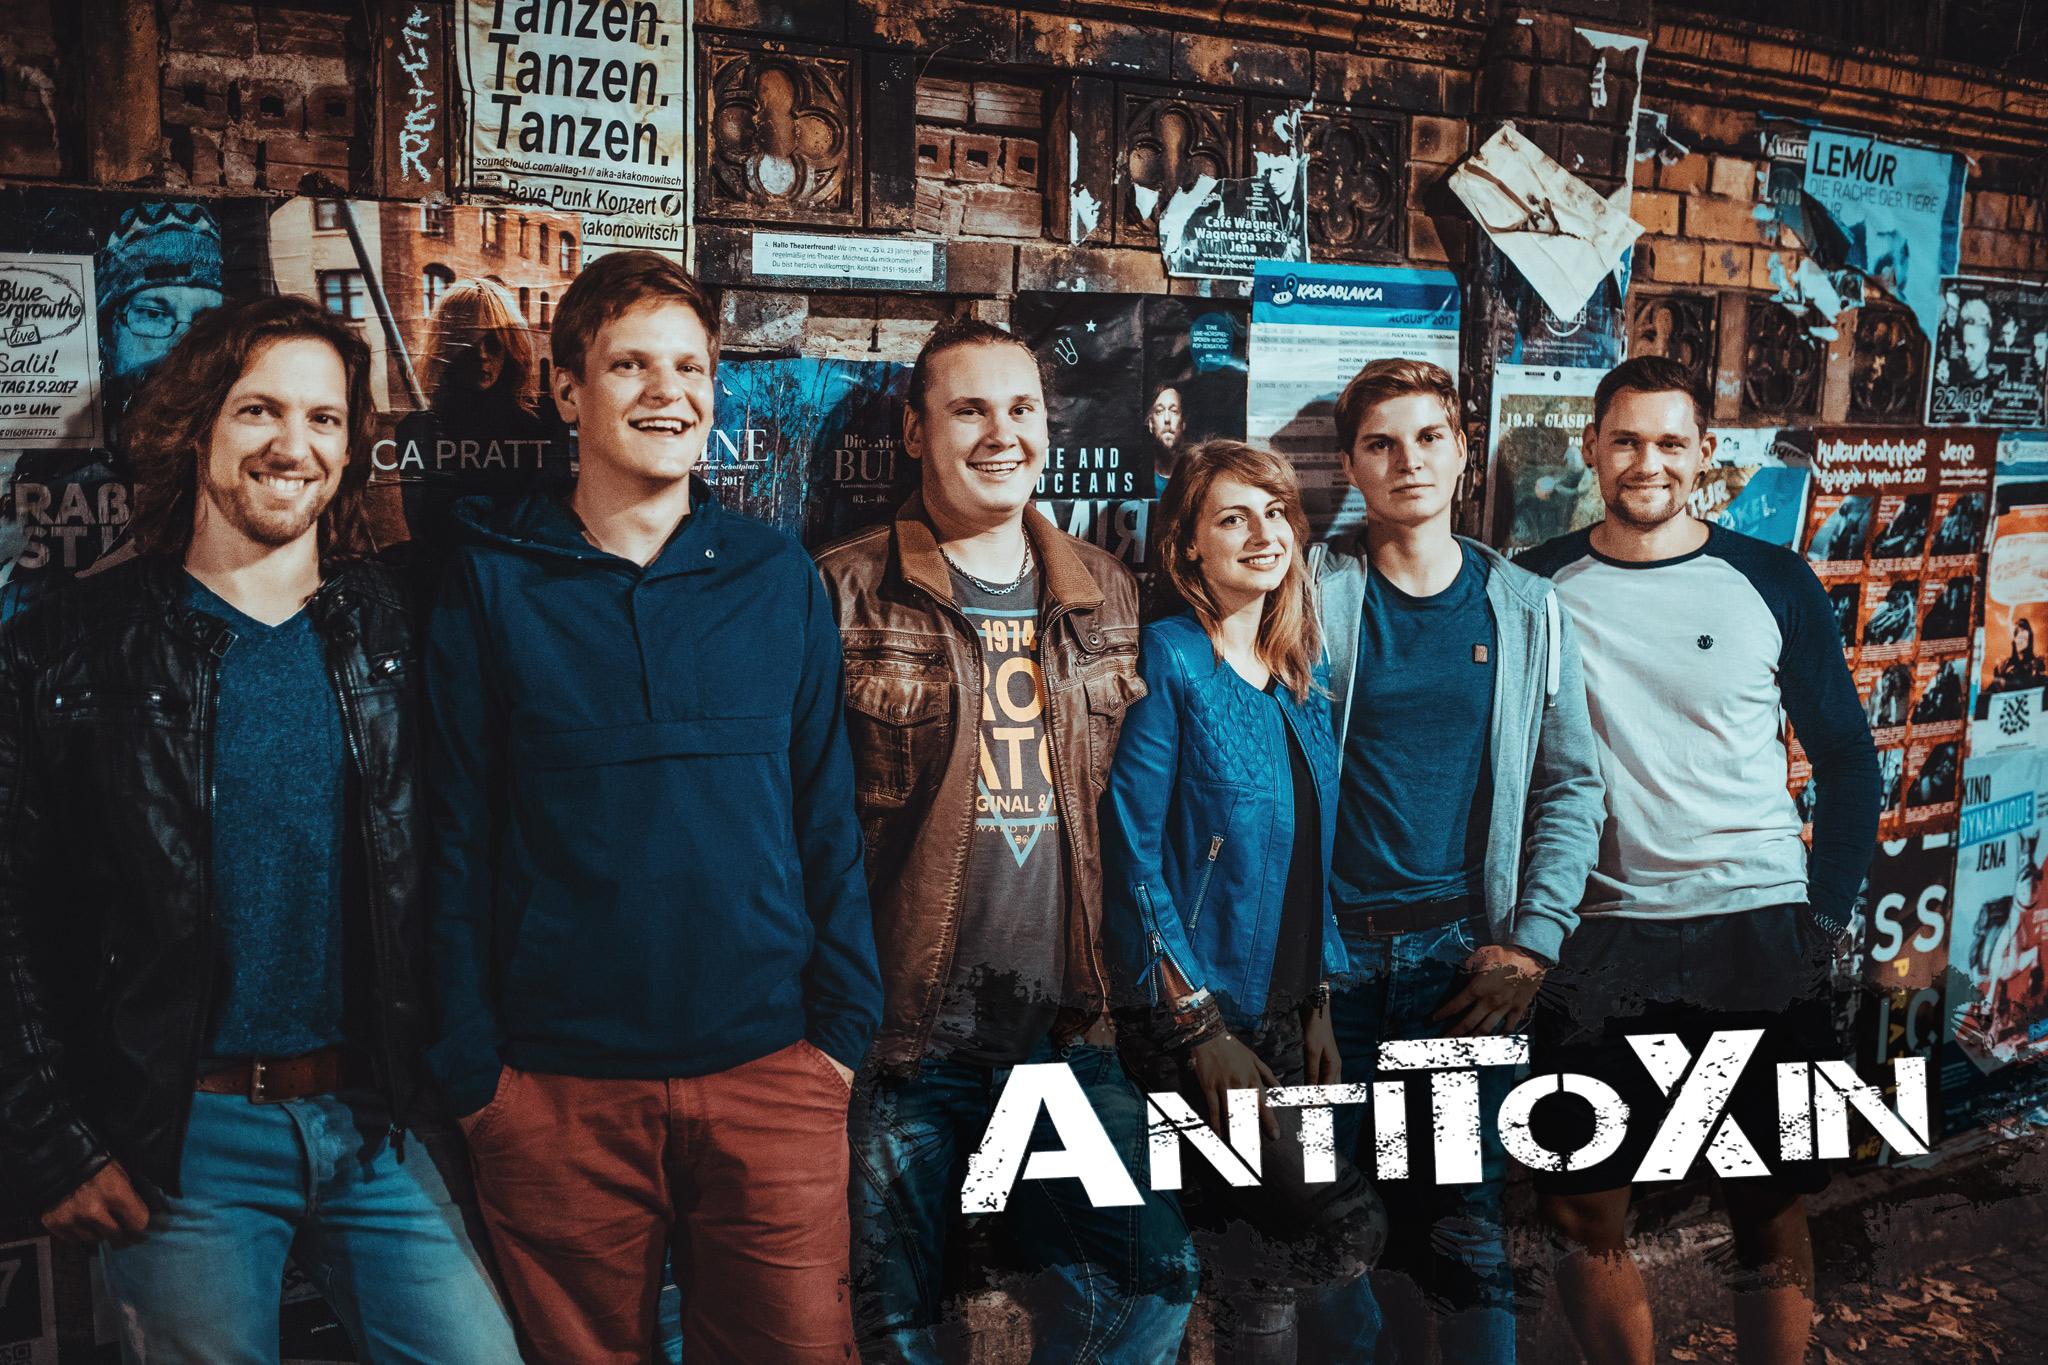 Antitoxin_Pressebild2